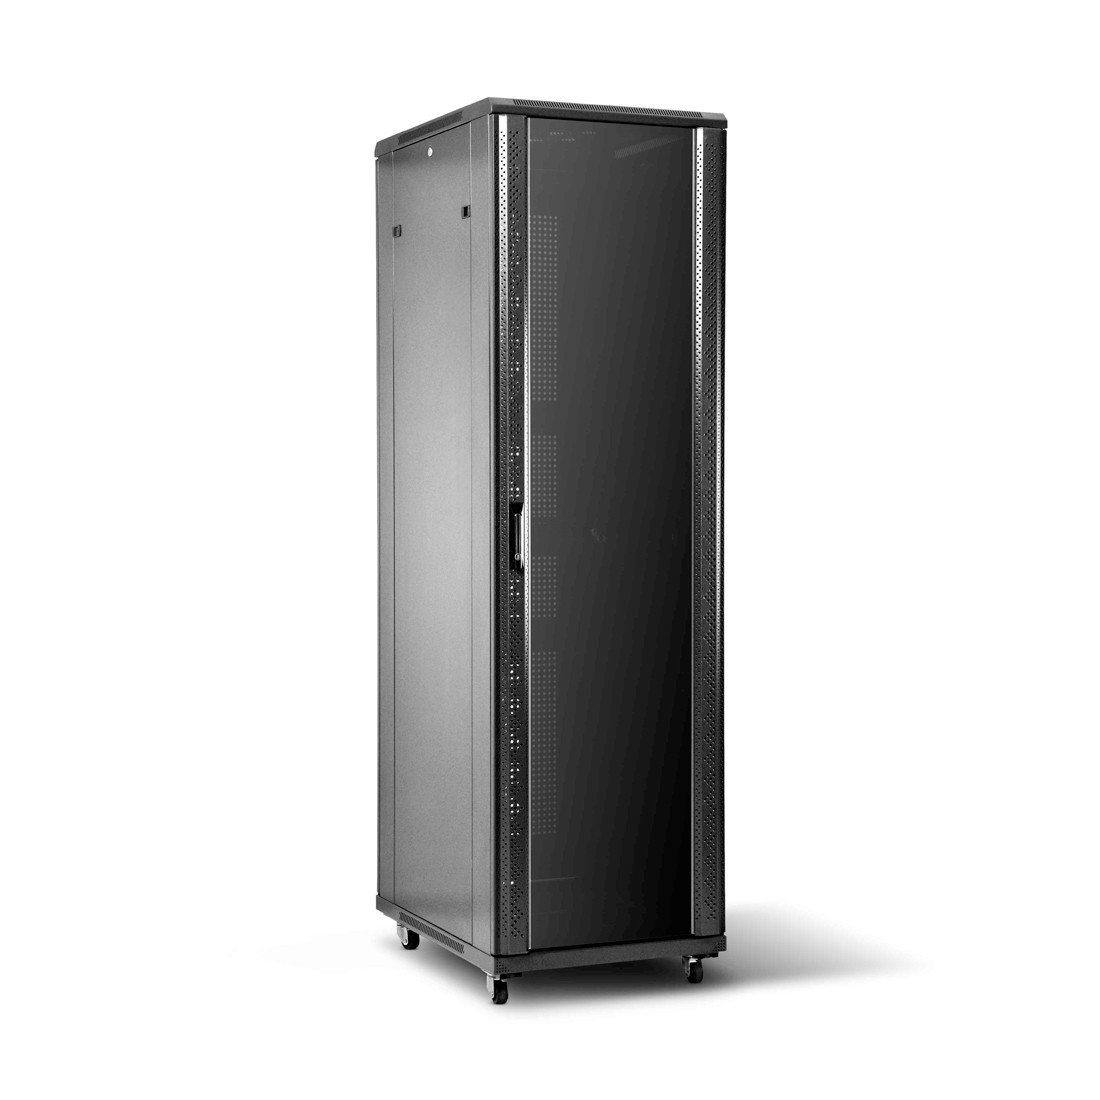 Шкаф серверный напольный SHIP 601S.6847.24.100 47U 600*800*2200 мм